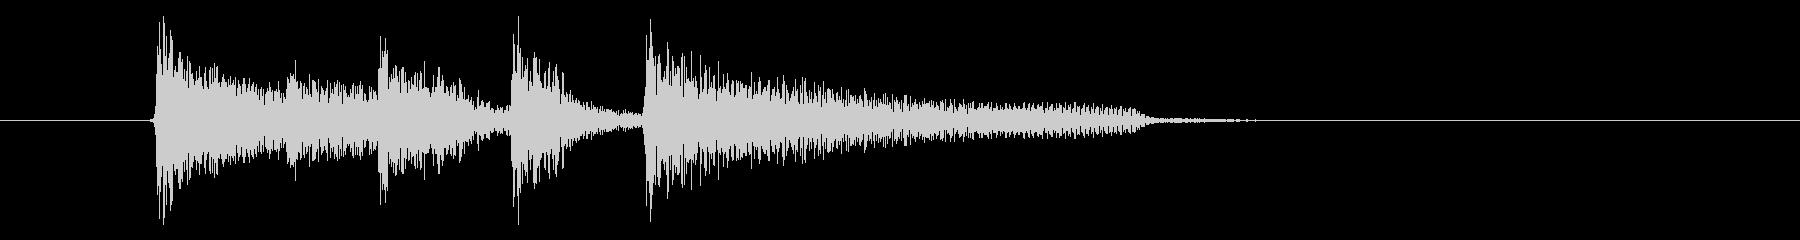 リズミカルで優雅なピアノジングルの未再生の波形